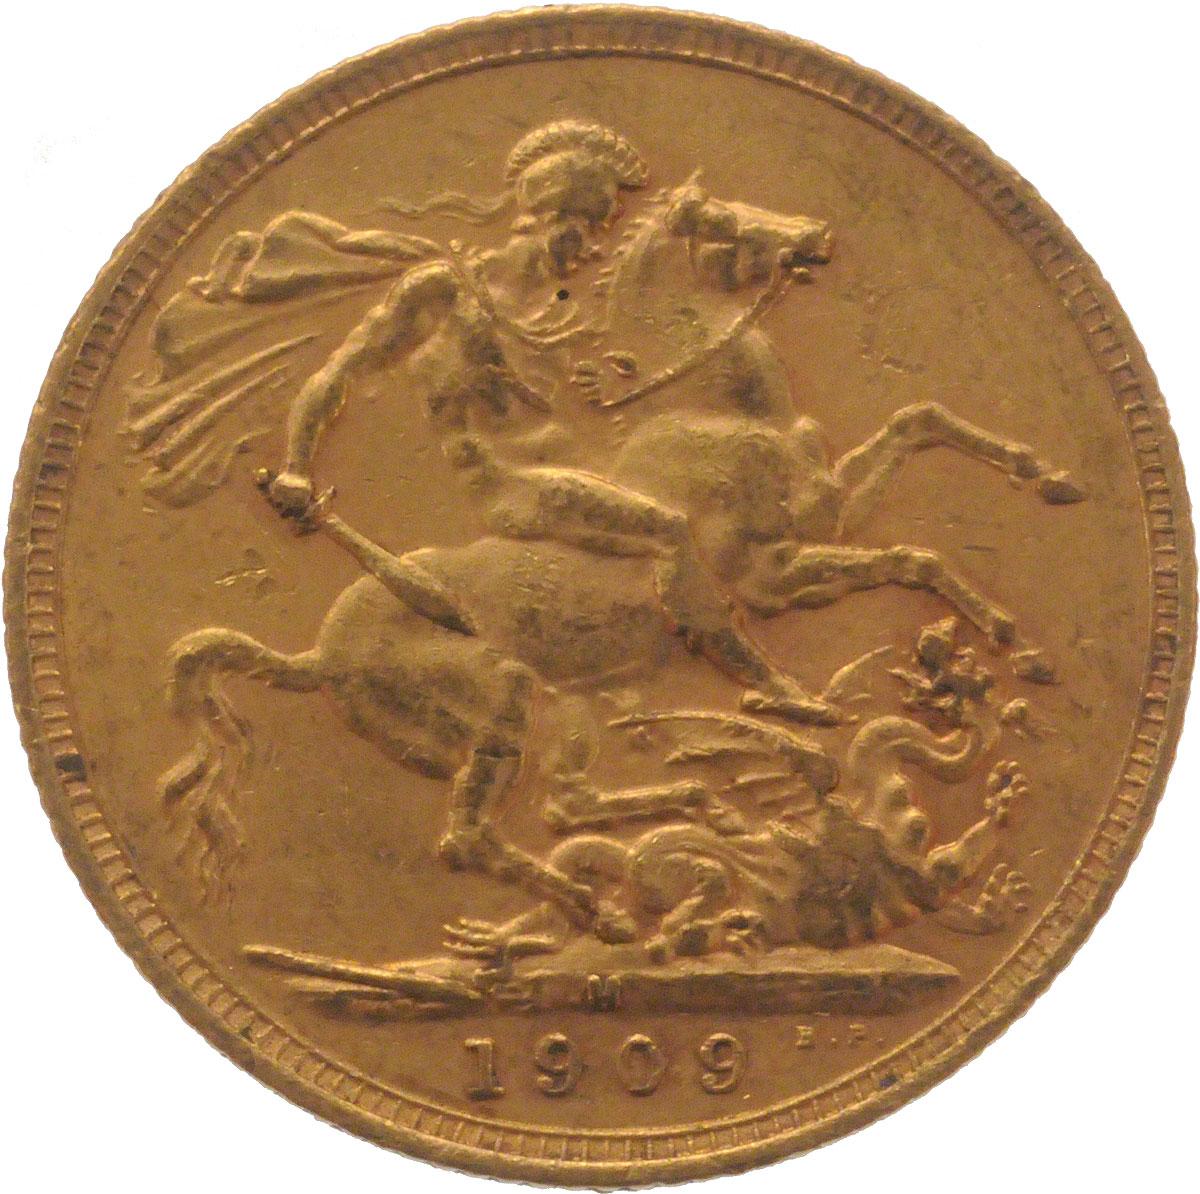 1909 Εδουάρδος Ζ' (Νομισματοκοπείο Μελβούρνης)